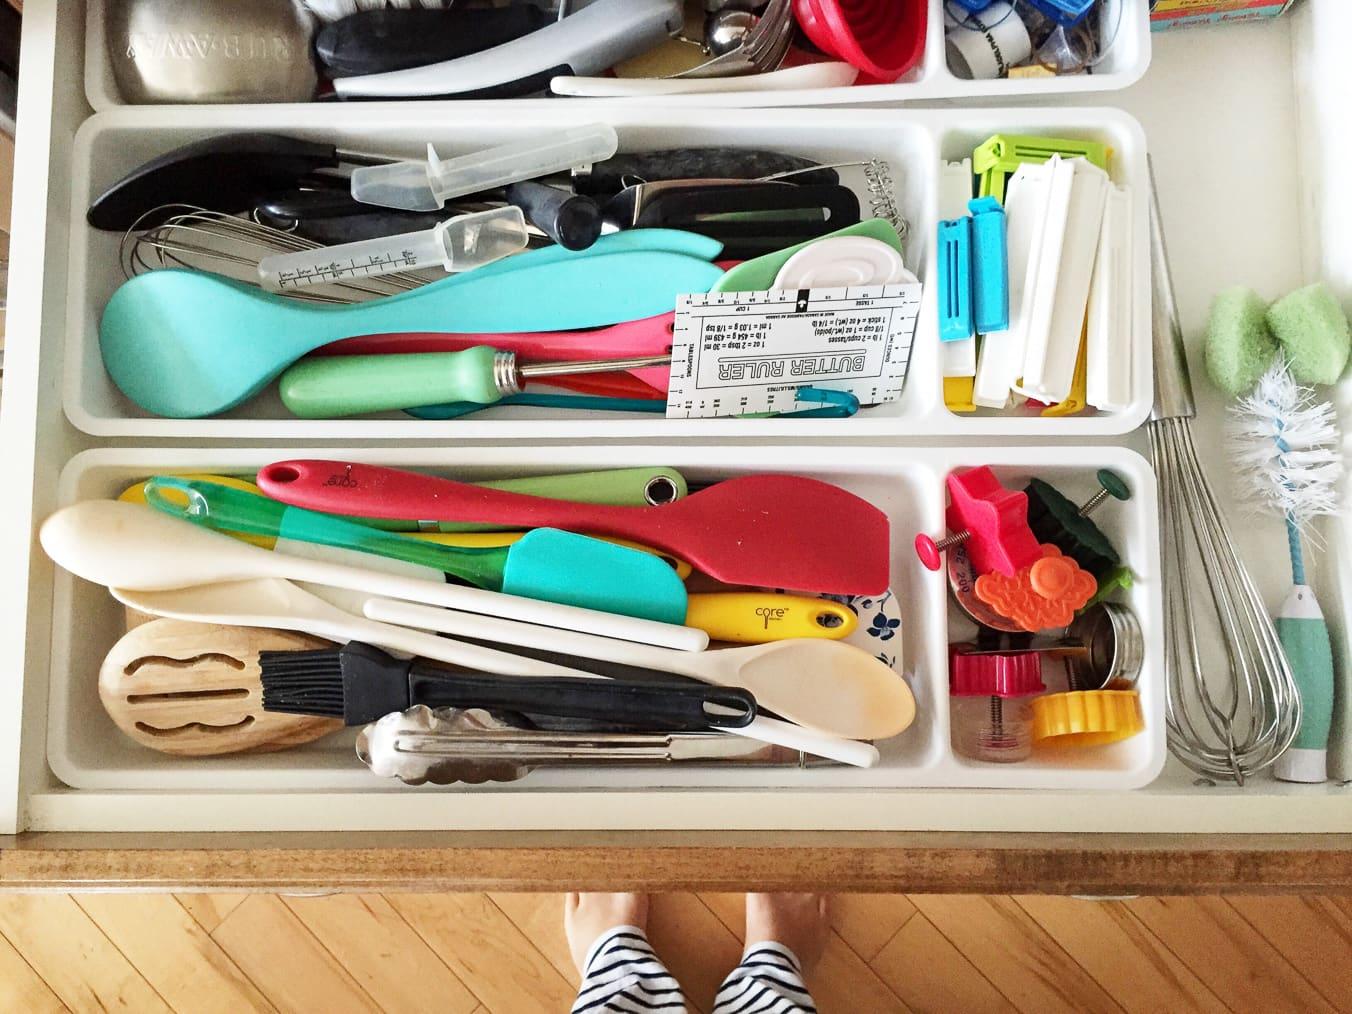 Kitchen Drawer Organization: After